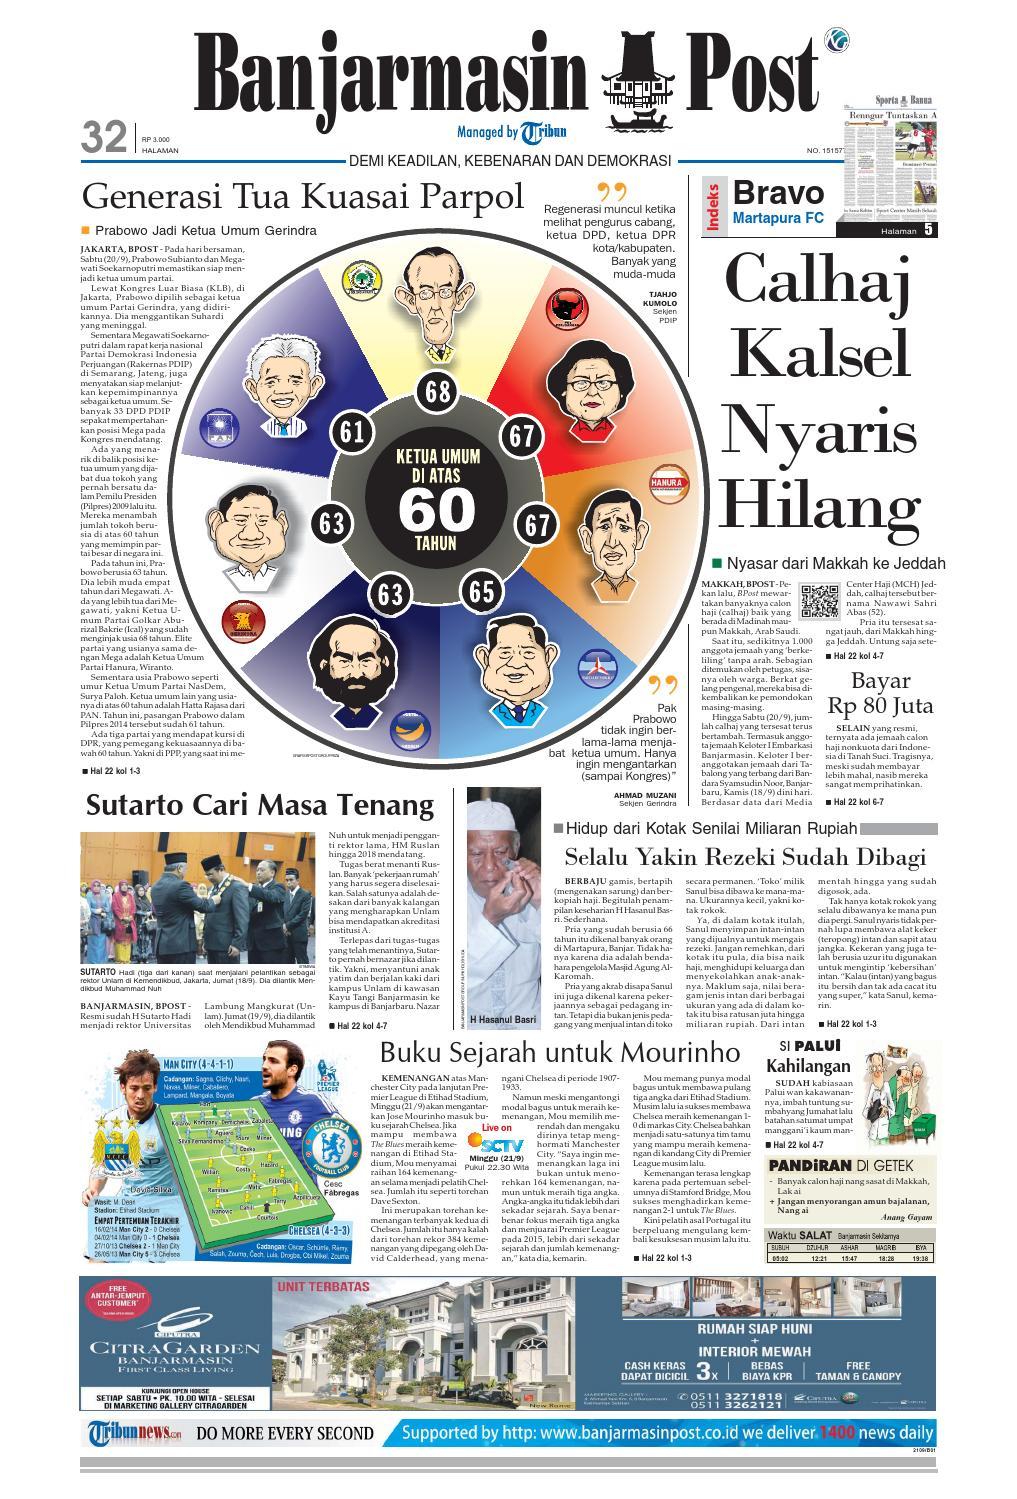 Banjarmasin Post Minggu 21 September 2014 By Issuu Sajadah Aisyah Ukuran 80 X 120 Hijau Muda Masjid